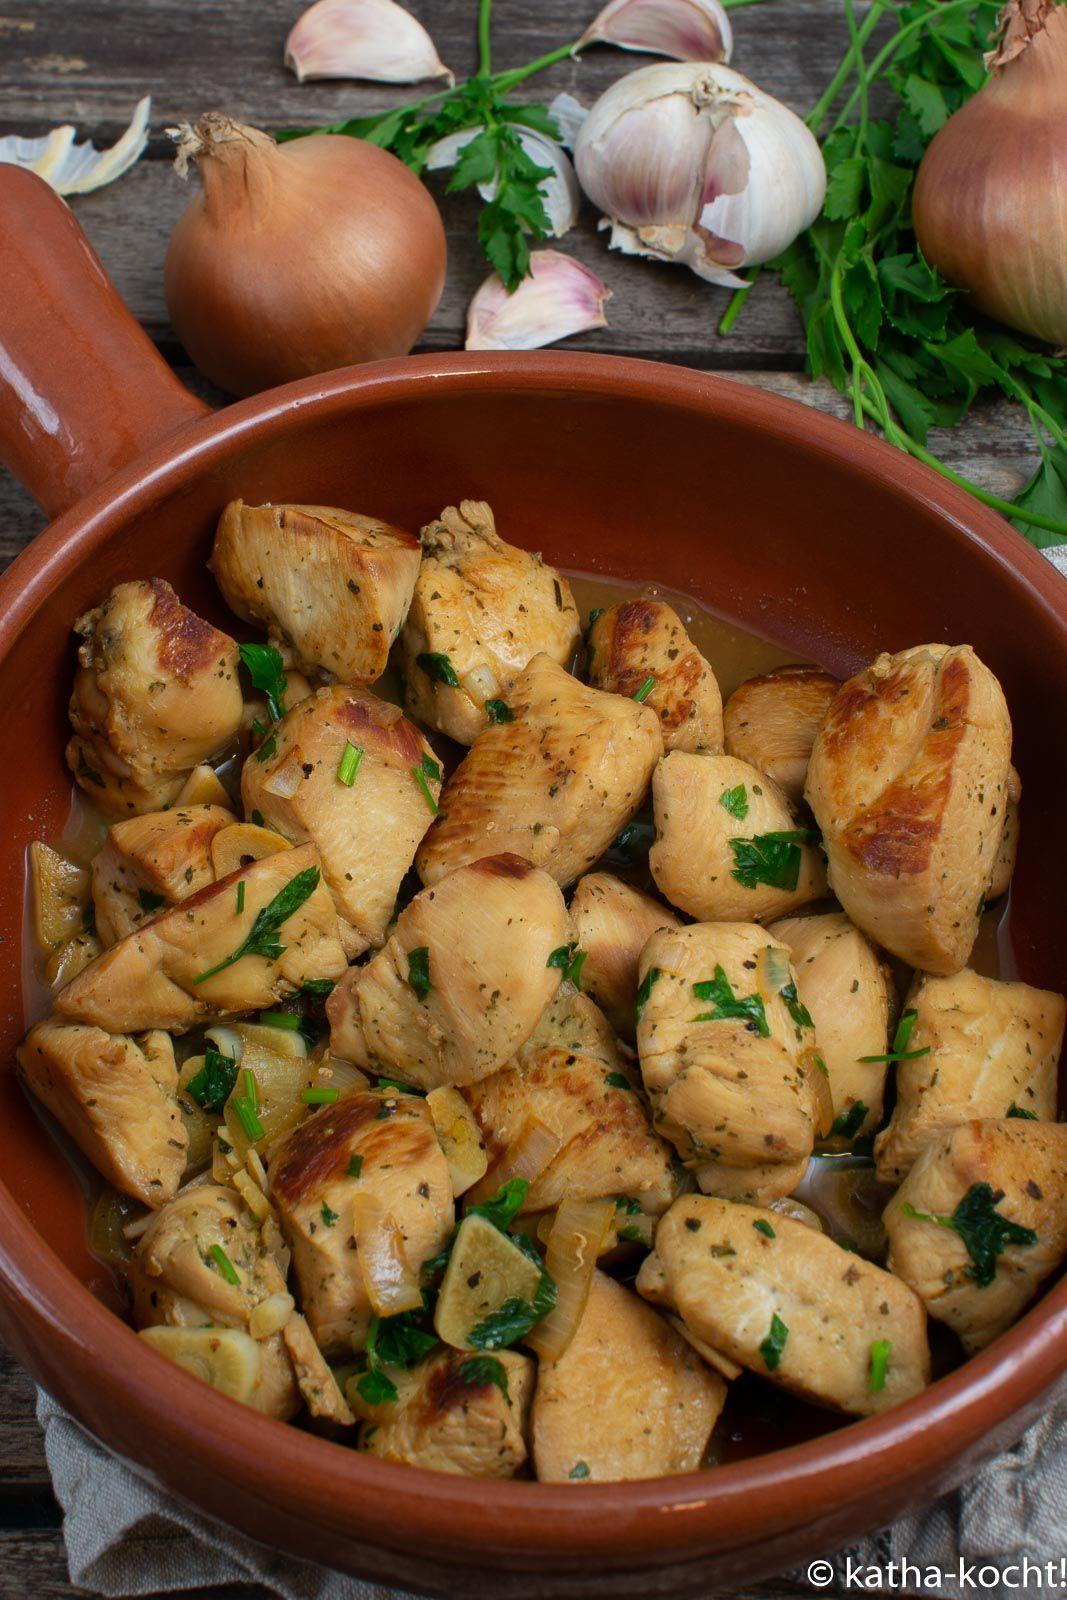 Tapas - Hähnchen in Weißwein-Jus - Katha-kocht!